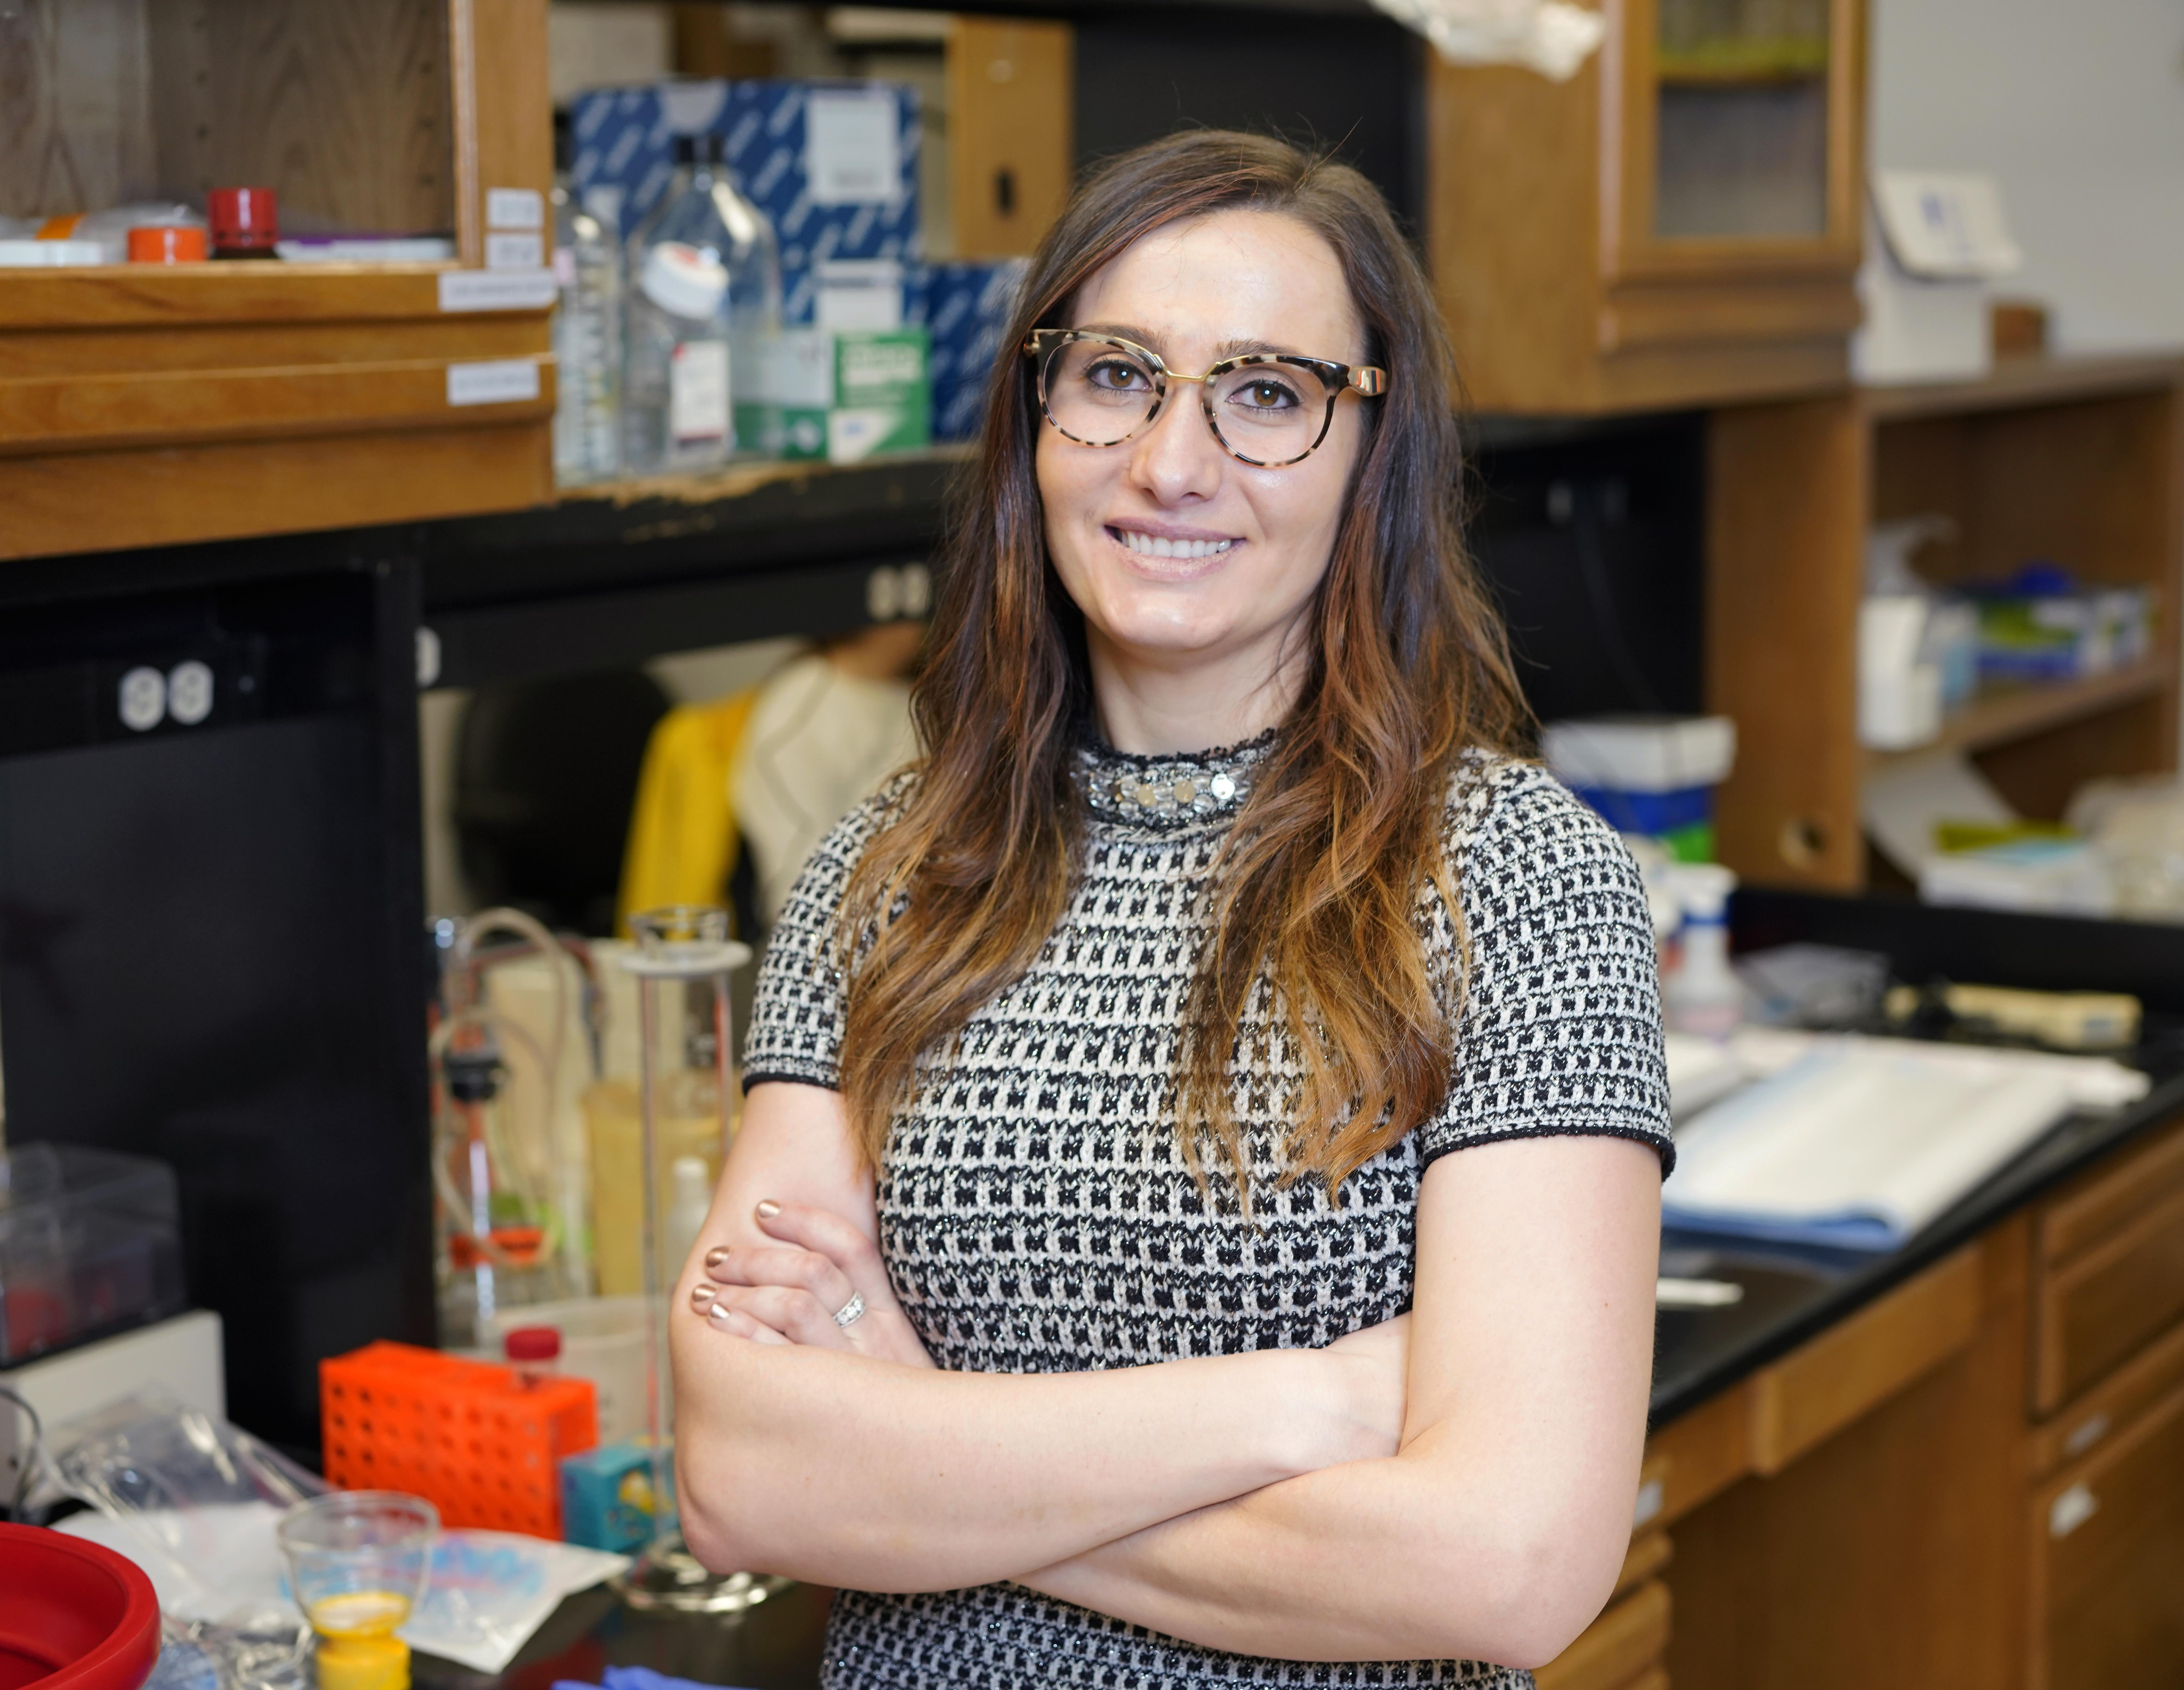 Andreana Holowatyj, PhD, MSCI